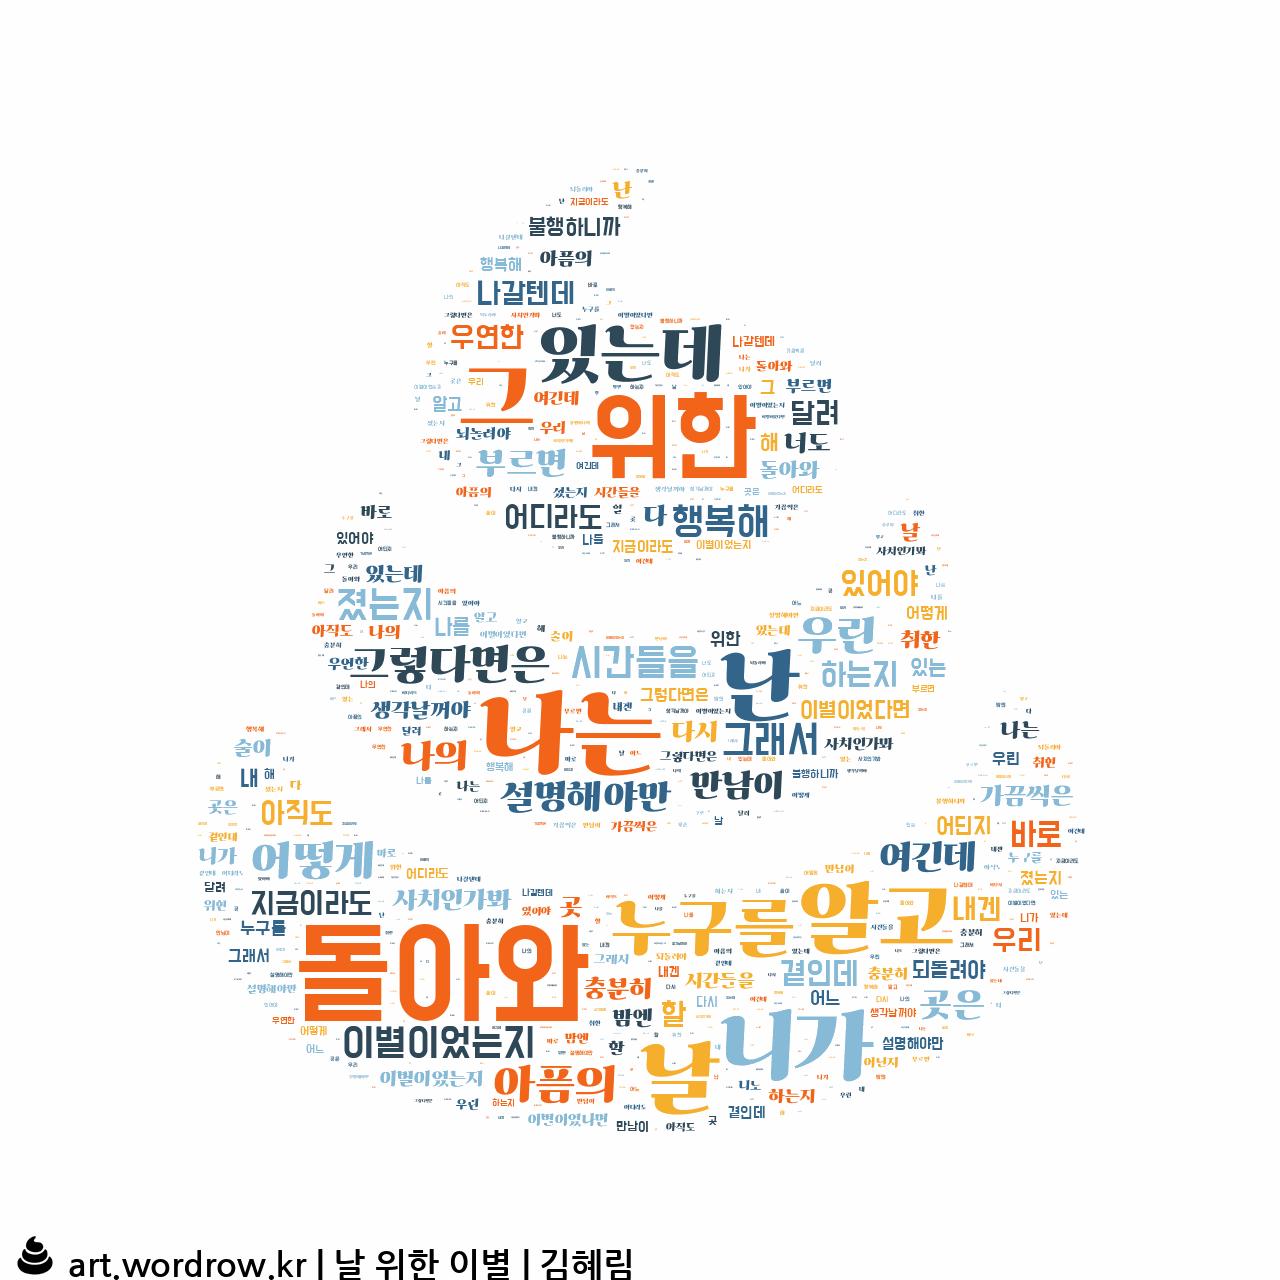 워드 클라우드: 날 위한 이별 [김혜림]-69